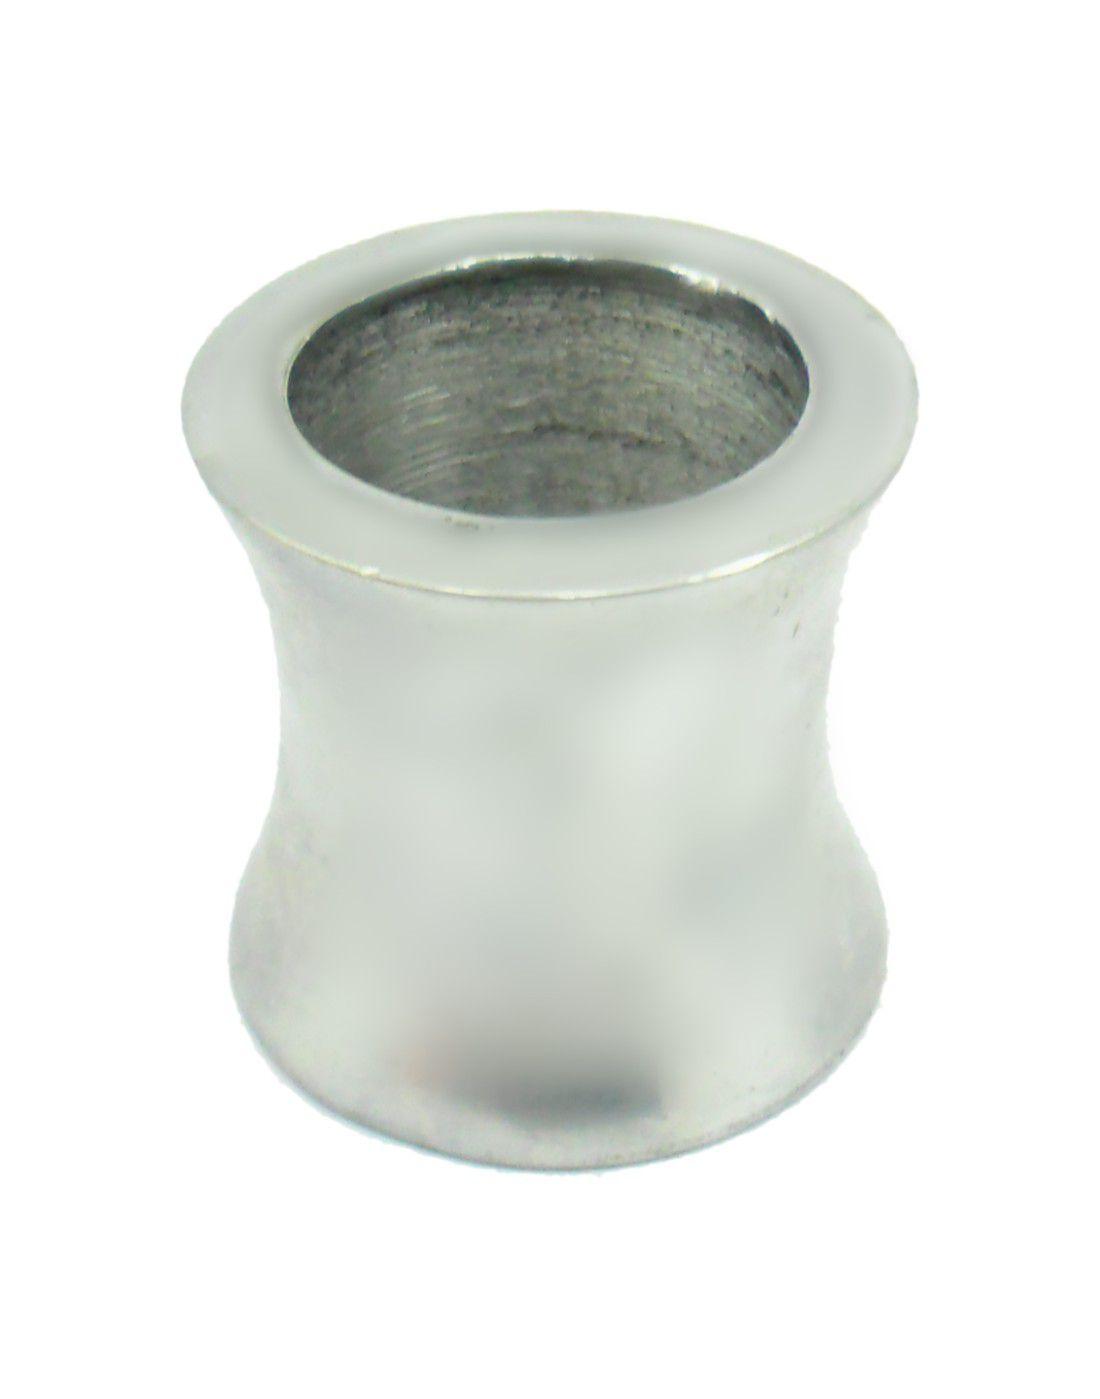 Adaptador para encaixar narguile em garrafa, em alumínio, pintura resistente. ADAPTADOR PARA GARRAFA Cromado/Polido